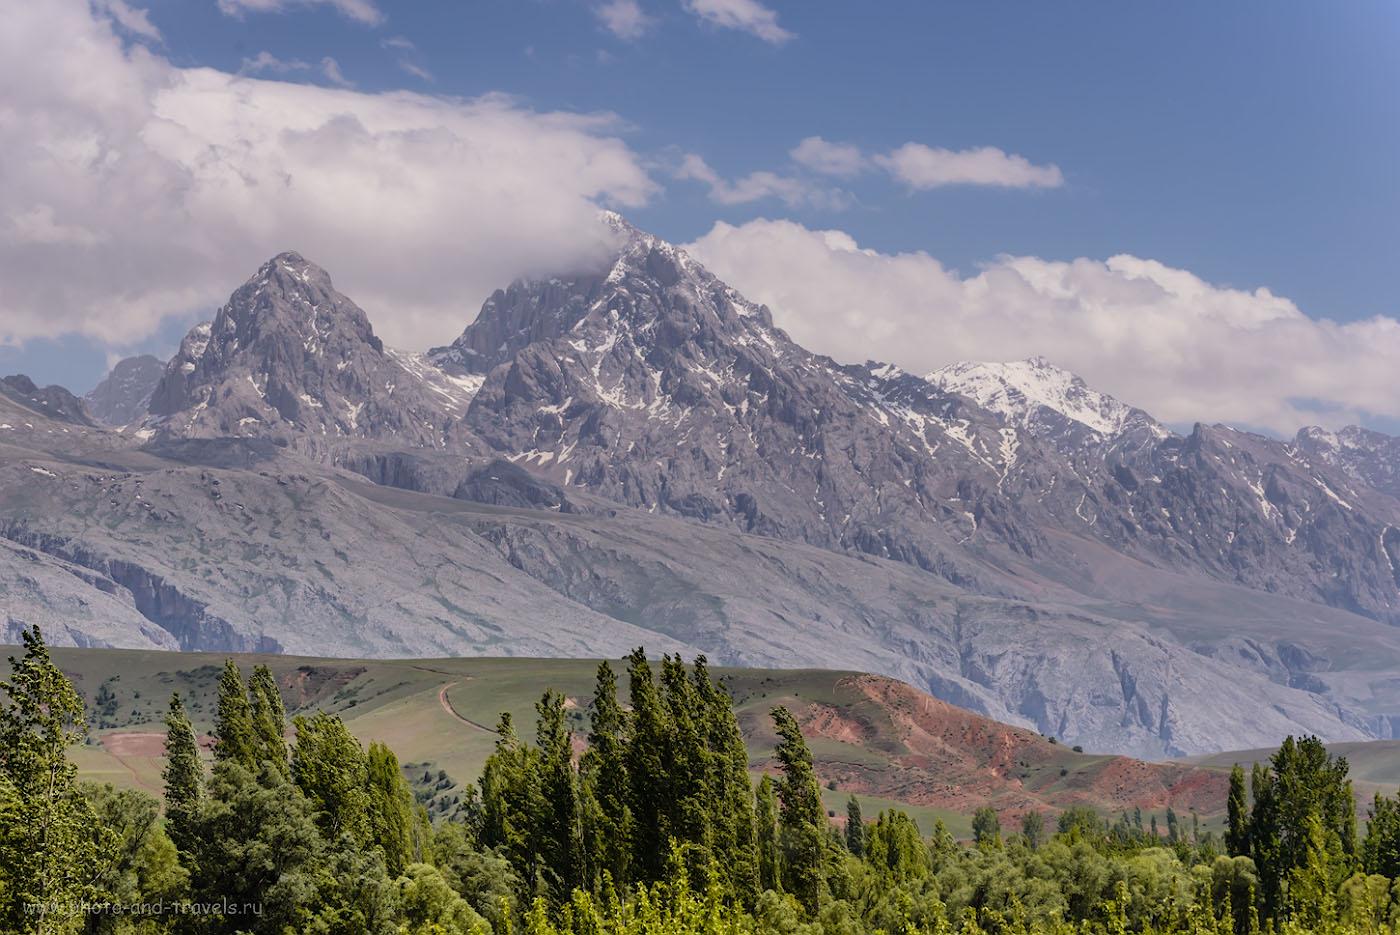 Фото 5. Пик Demirkazık - самая высокая вершина Аладаглара. Отчеты туристов об отдыхе в Турции самостоятельно. 1/600, 8.0, 400, 90.